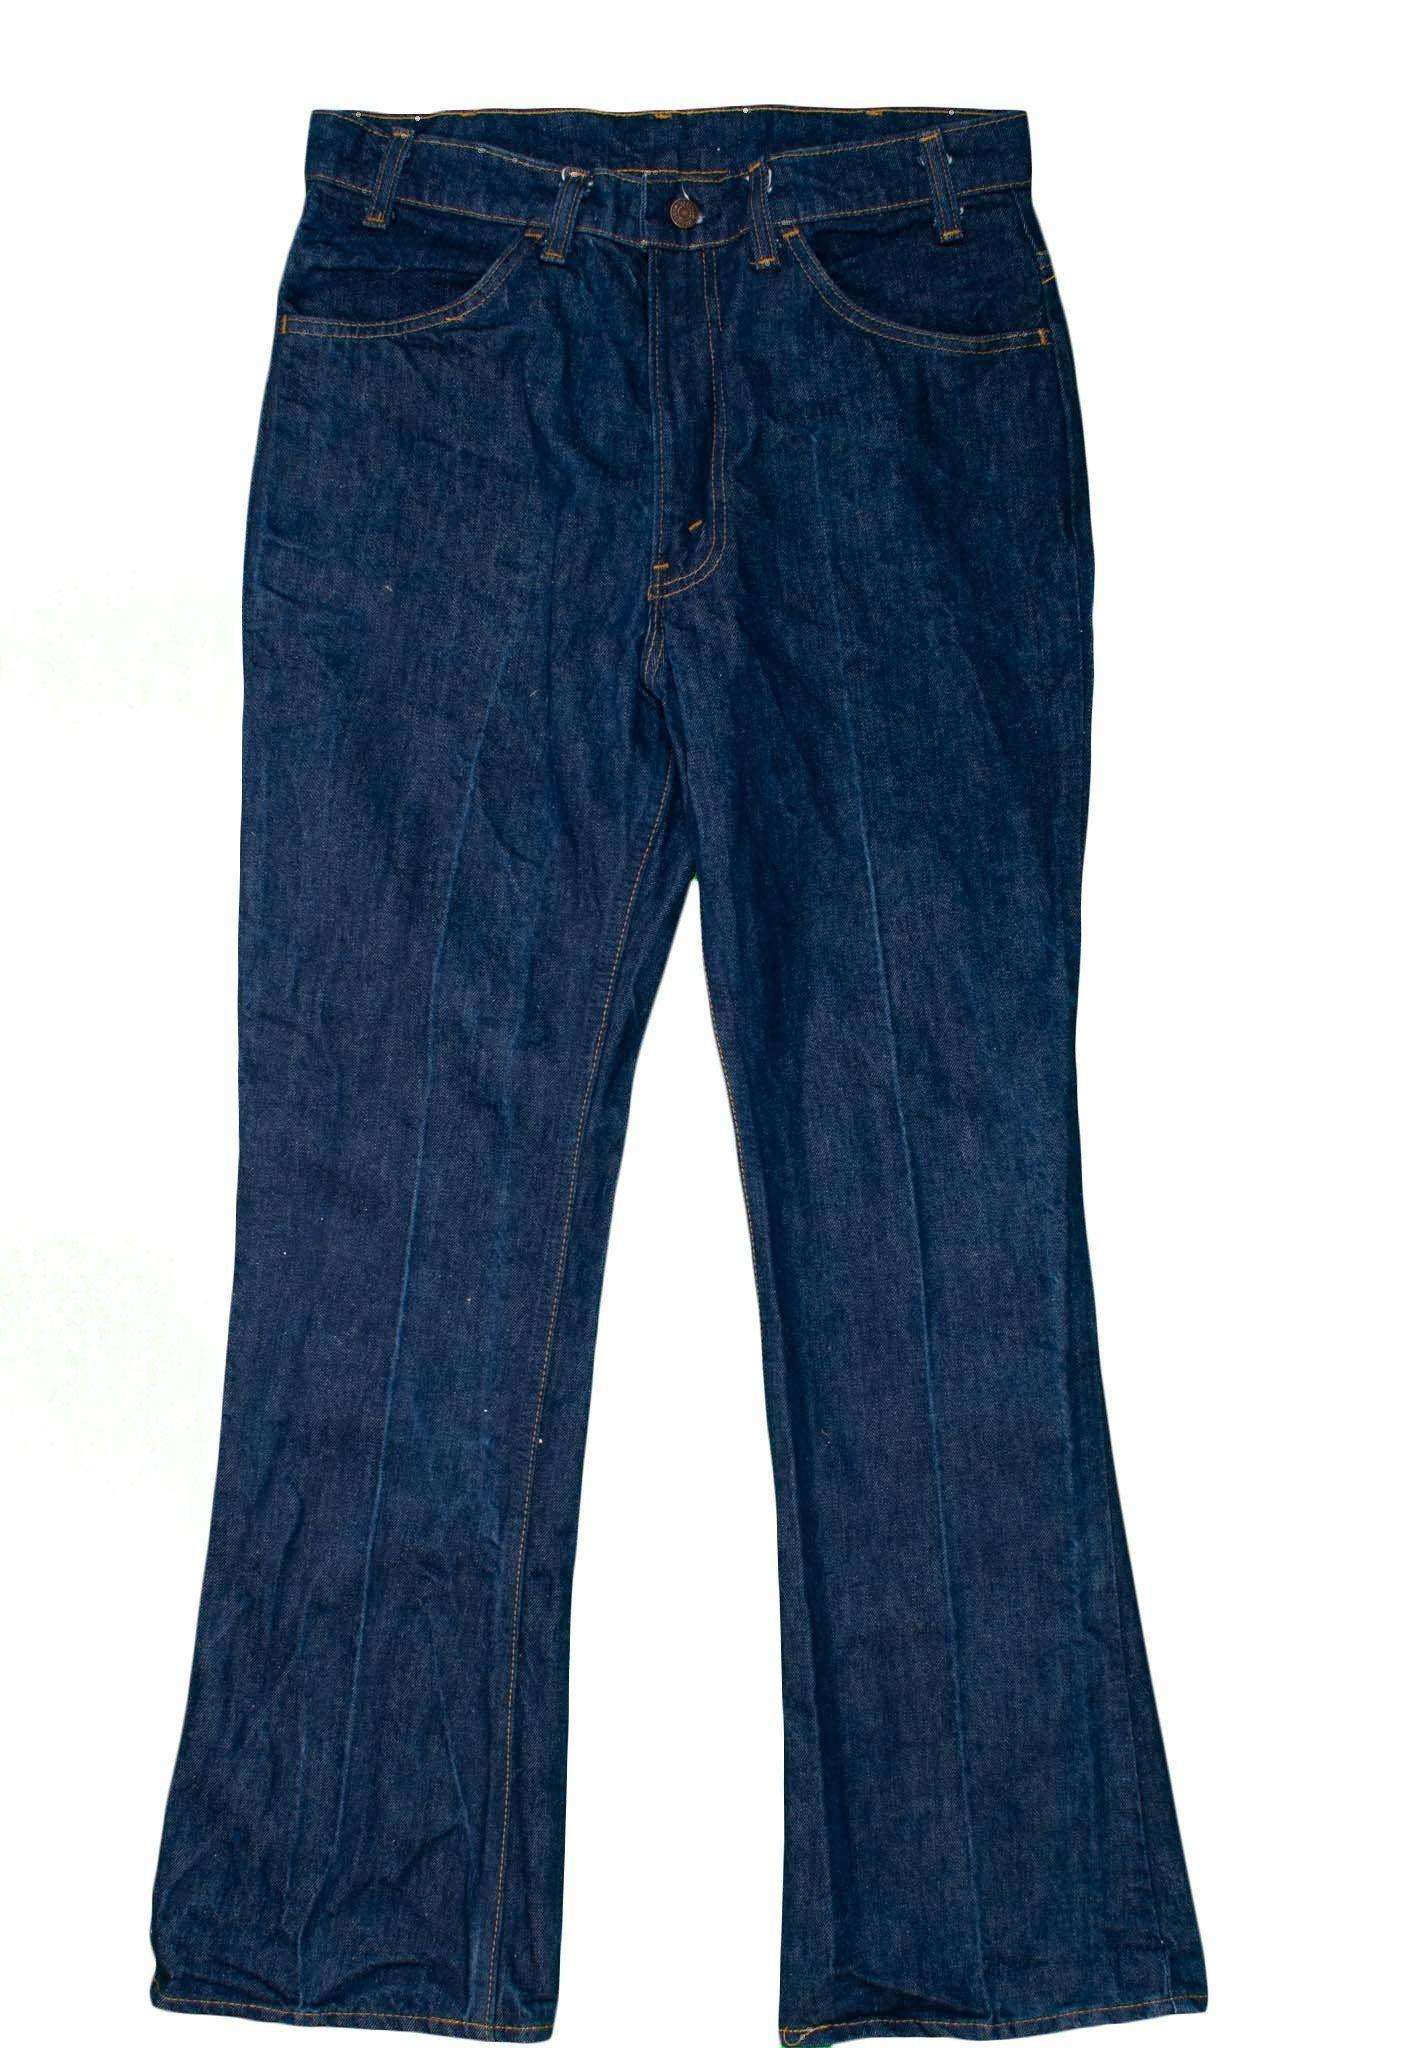 e0cf496ac22 Levis 646 Men's Jeans 34x31 Vintage Denim Orange Tab 1970's Bell Botto –  itisvintage #levis